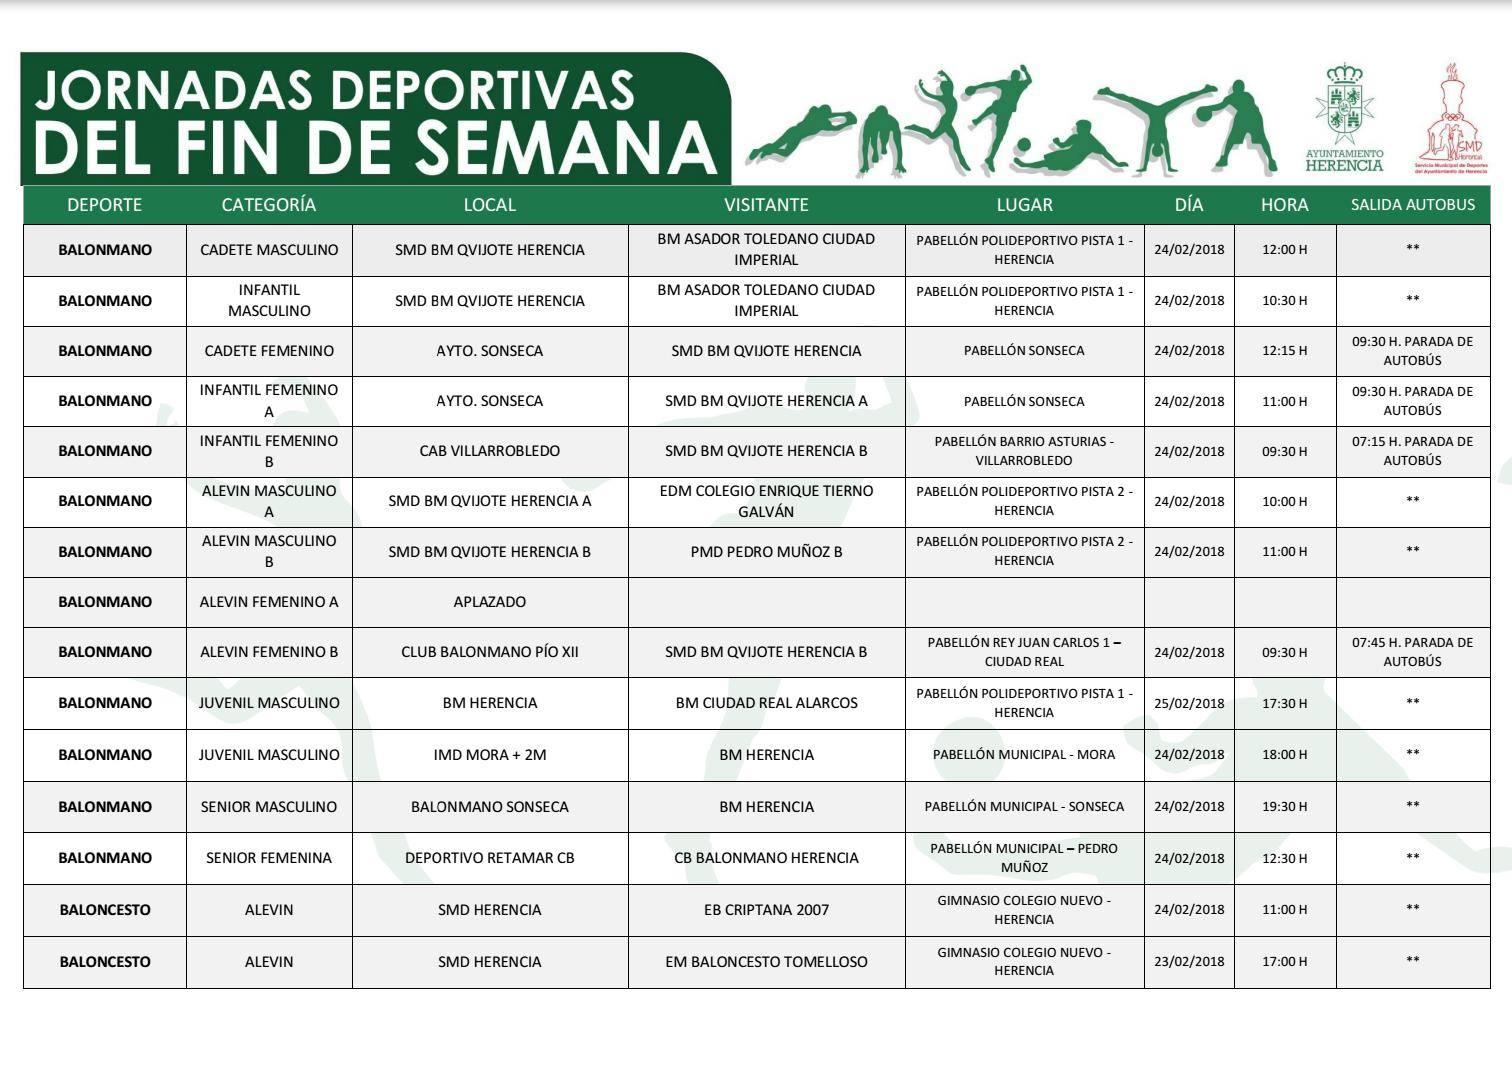 deporte finde herencia 24 25 febrero 1 - Programación deportiva para el fin de semana del 24 y 25 febrero